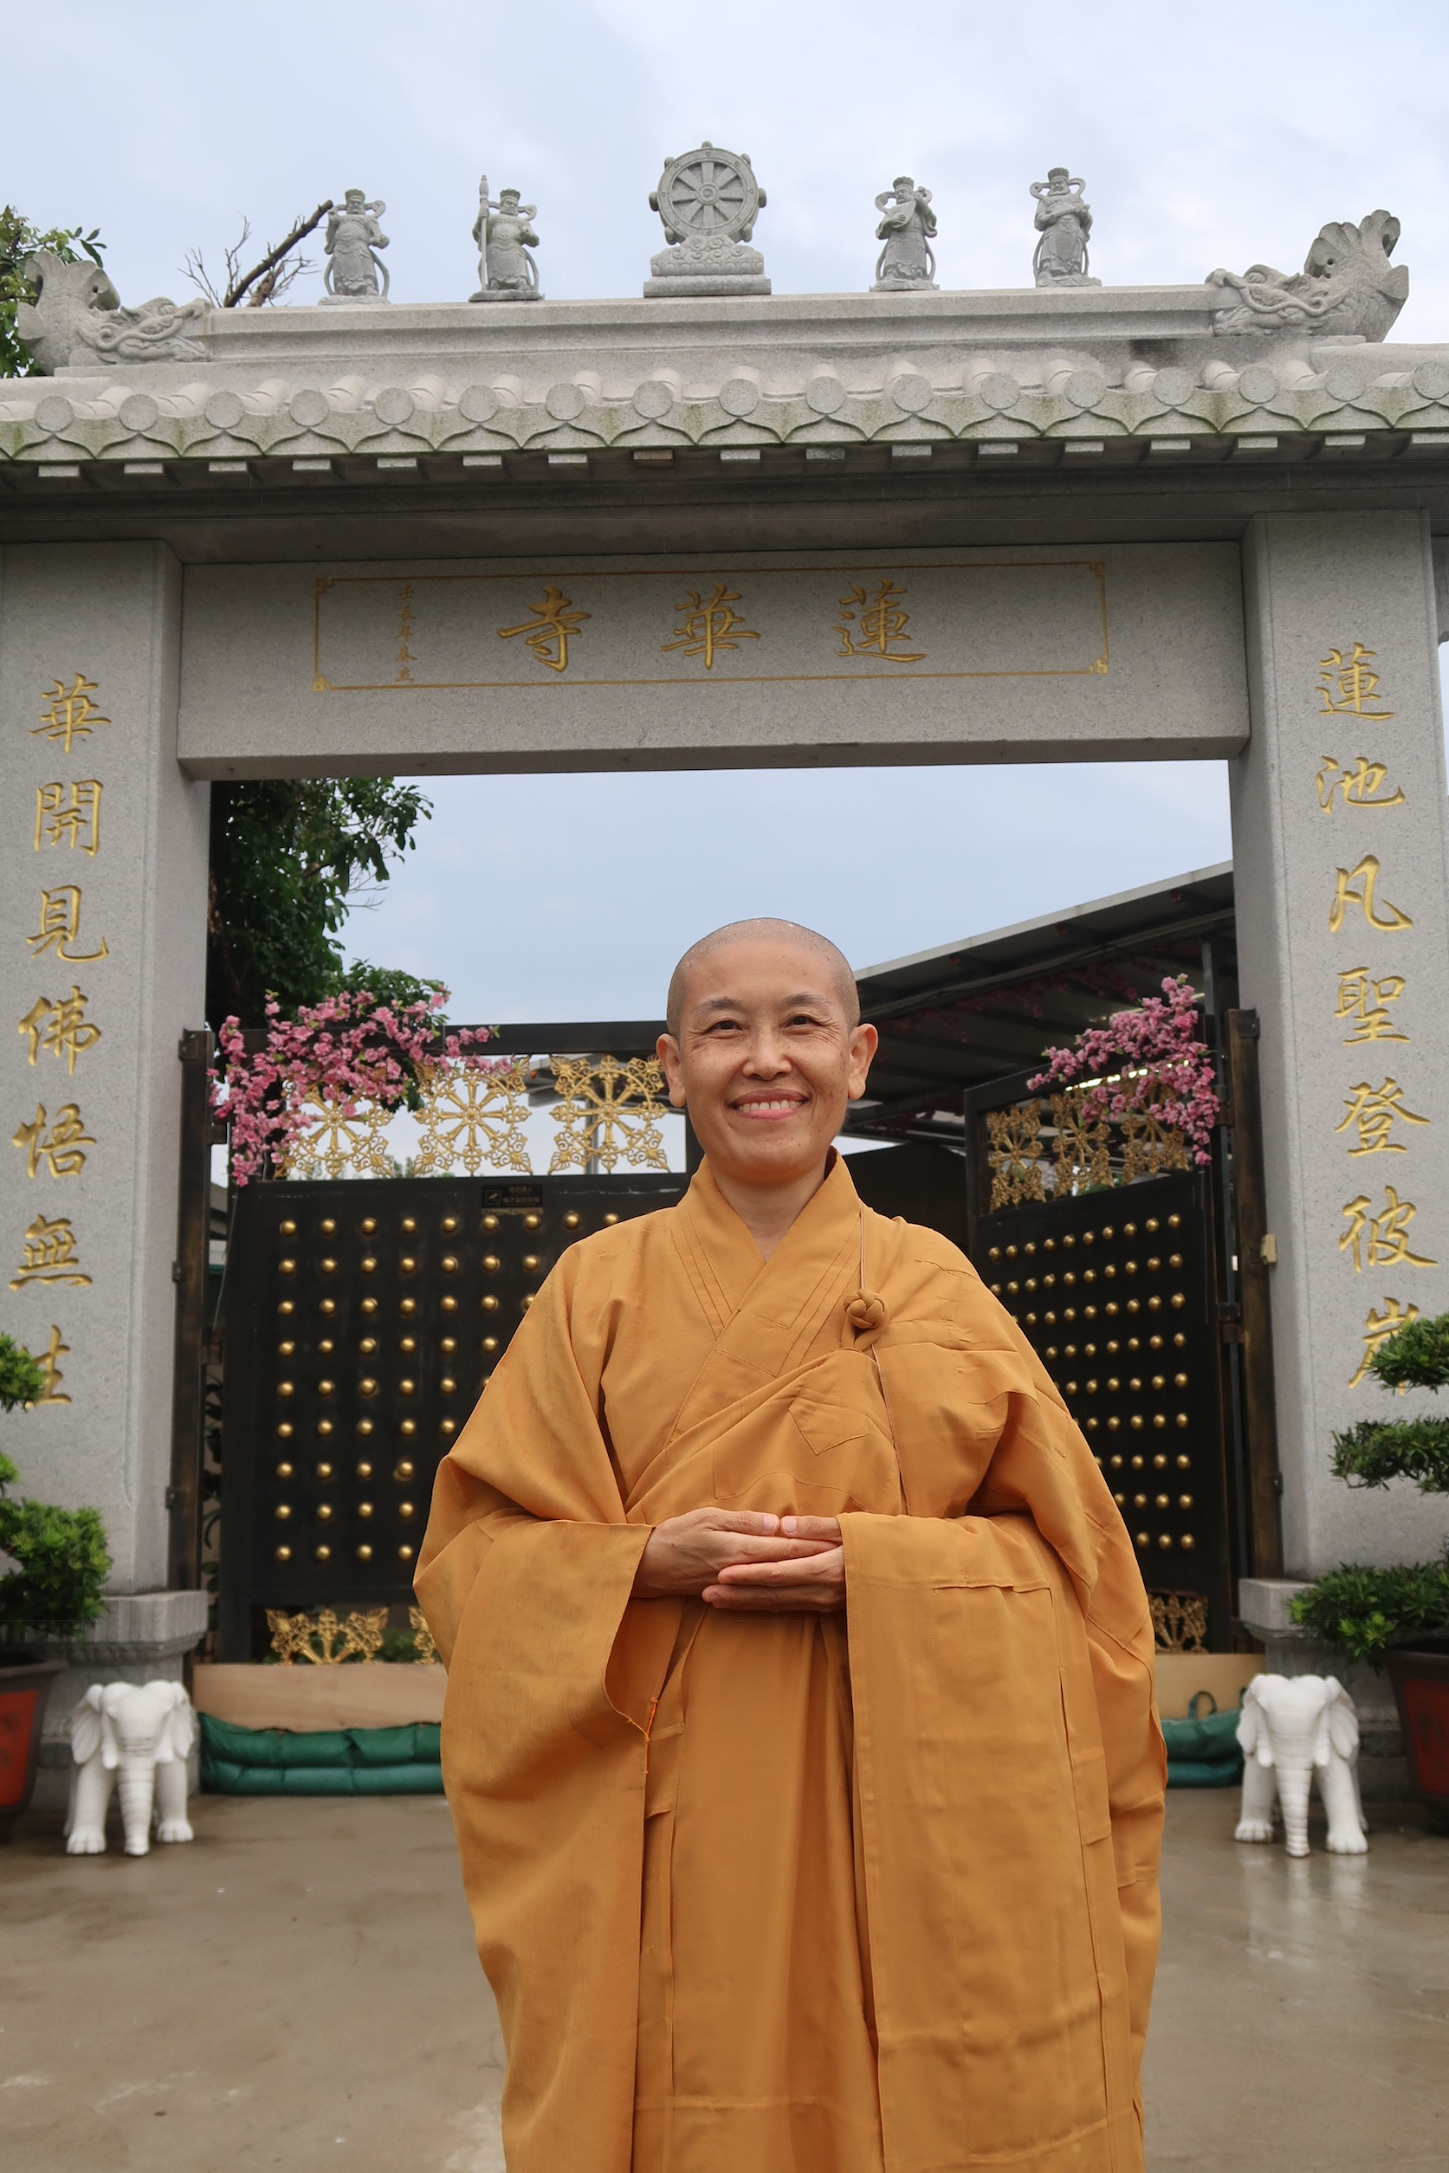 莲华寺宏传毗尼系列讲座——宗麟法师论主客相待